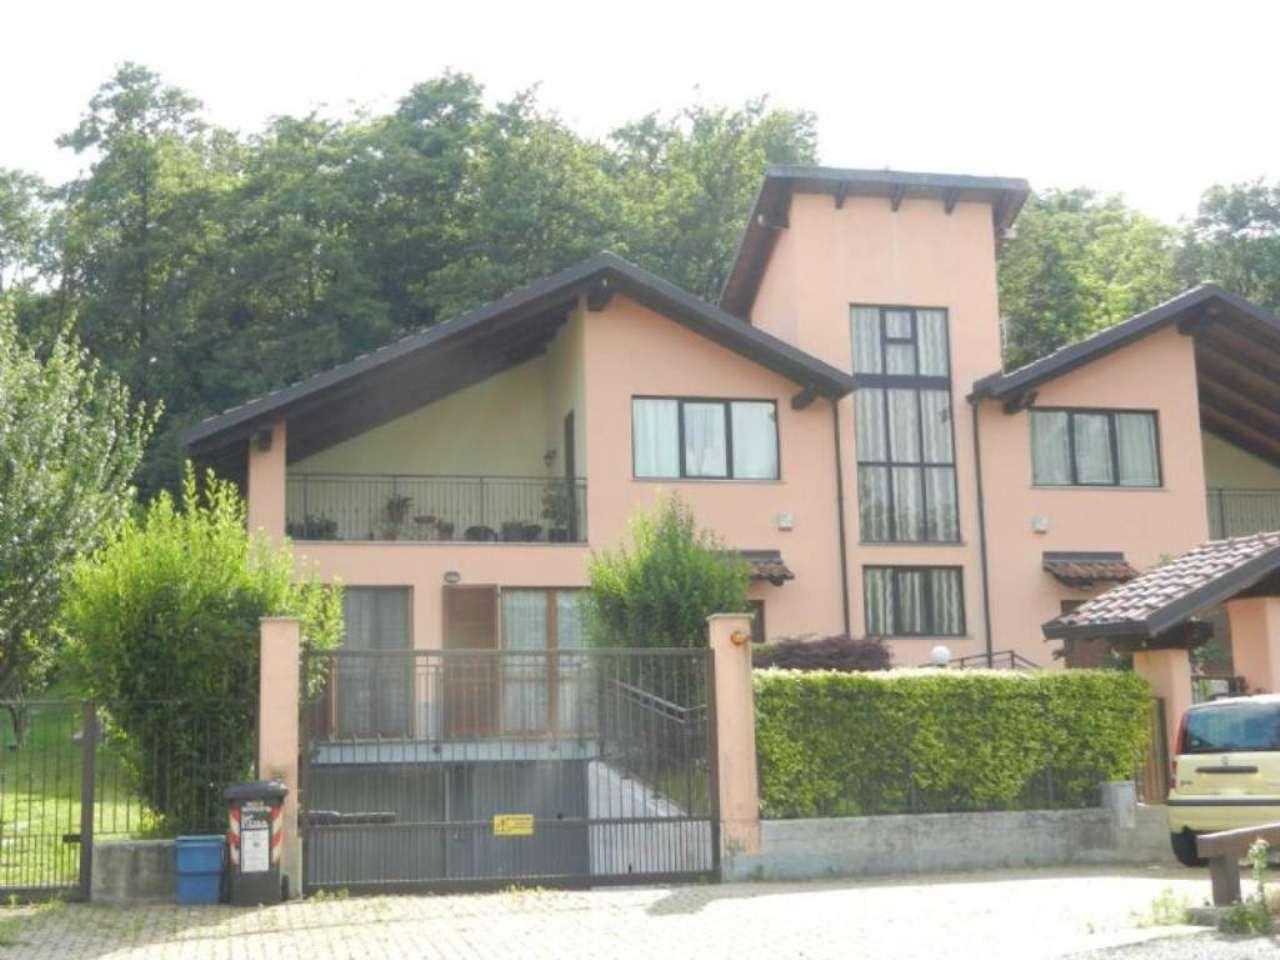 Villa Bifamiliare in vendita a Cafasse, 7 locali, prezzo € 300.000 | CambioCasa.it